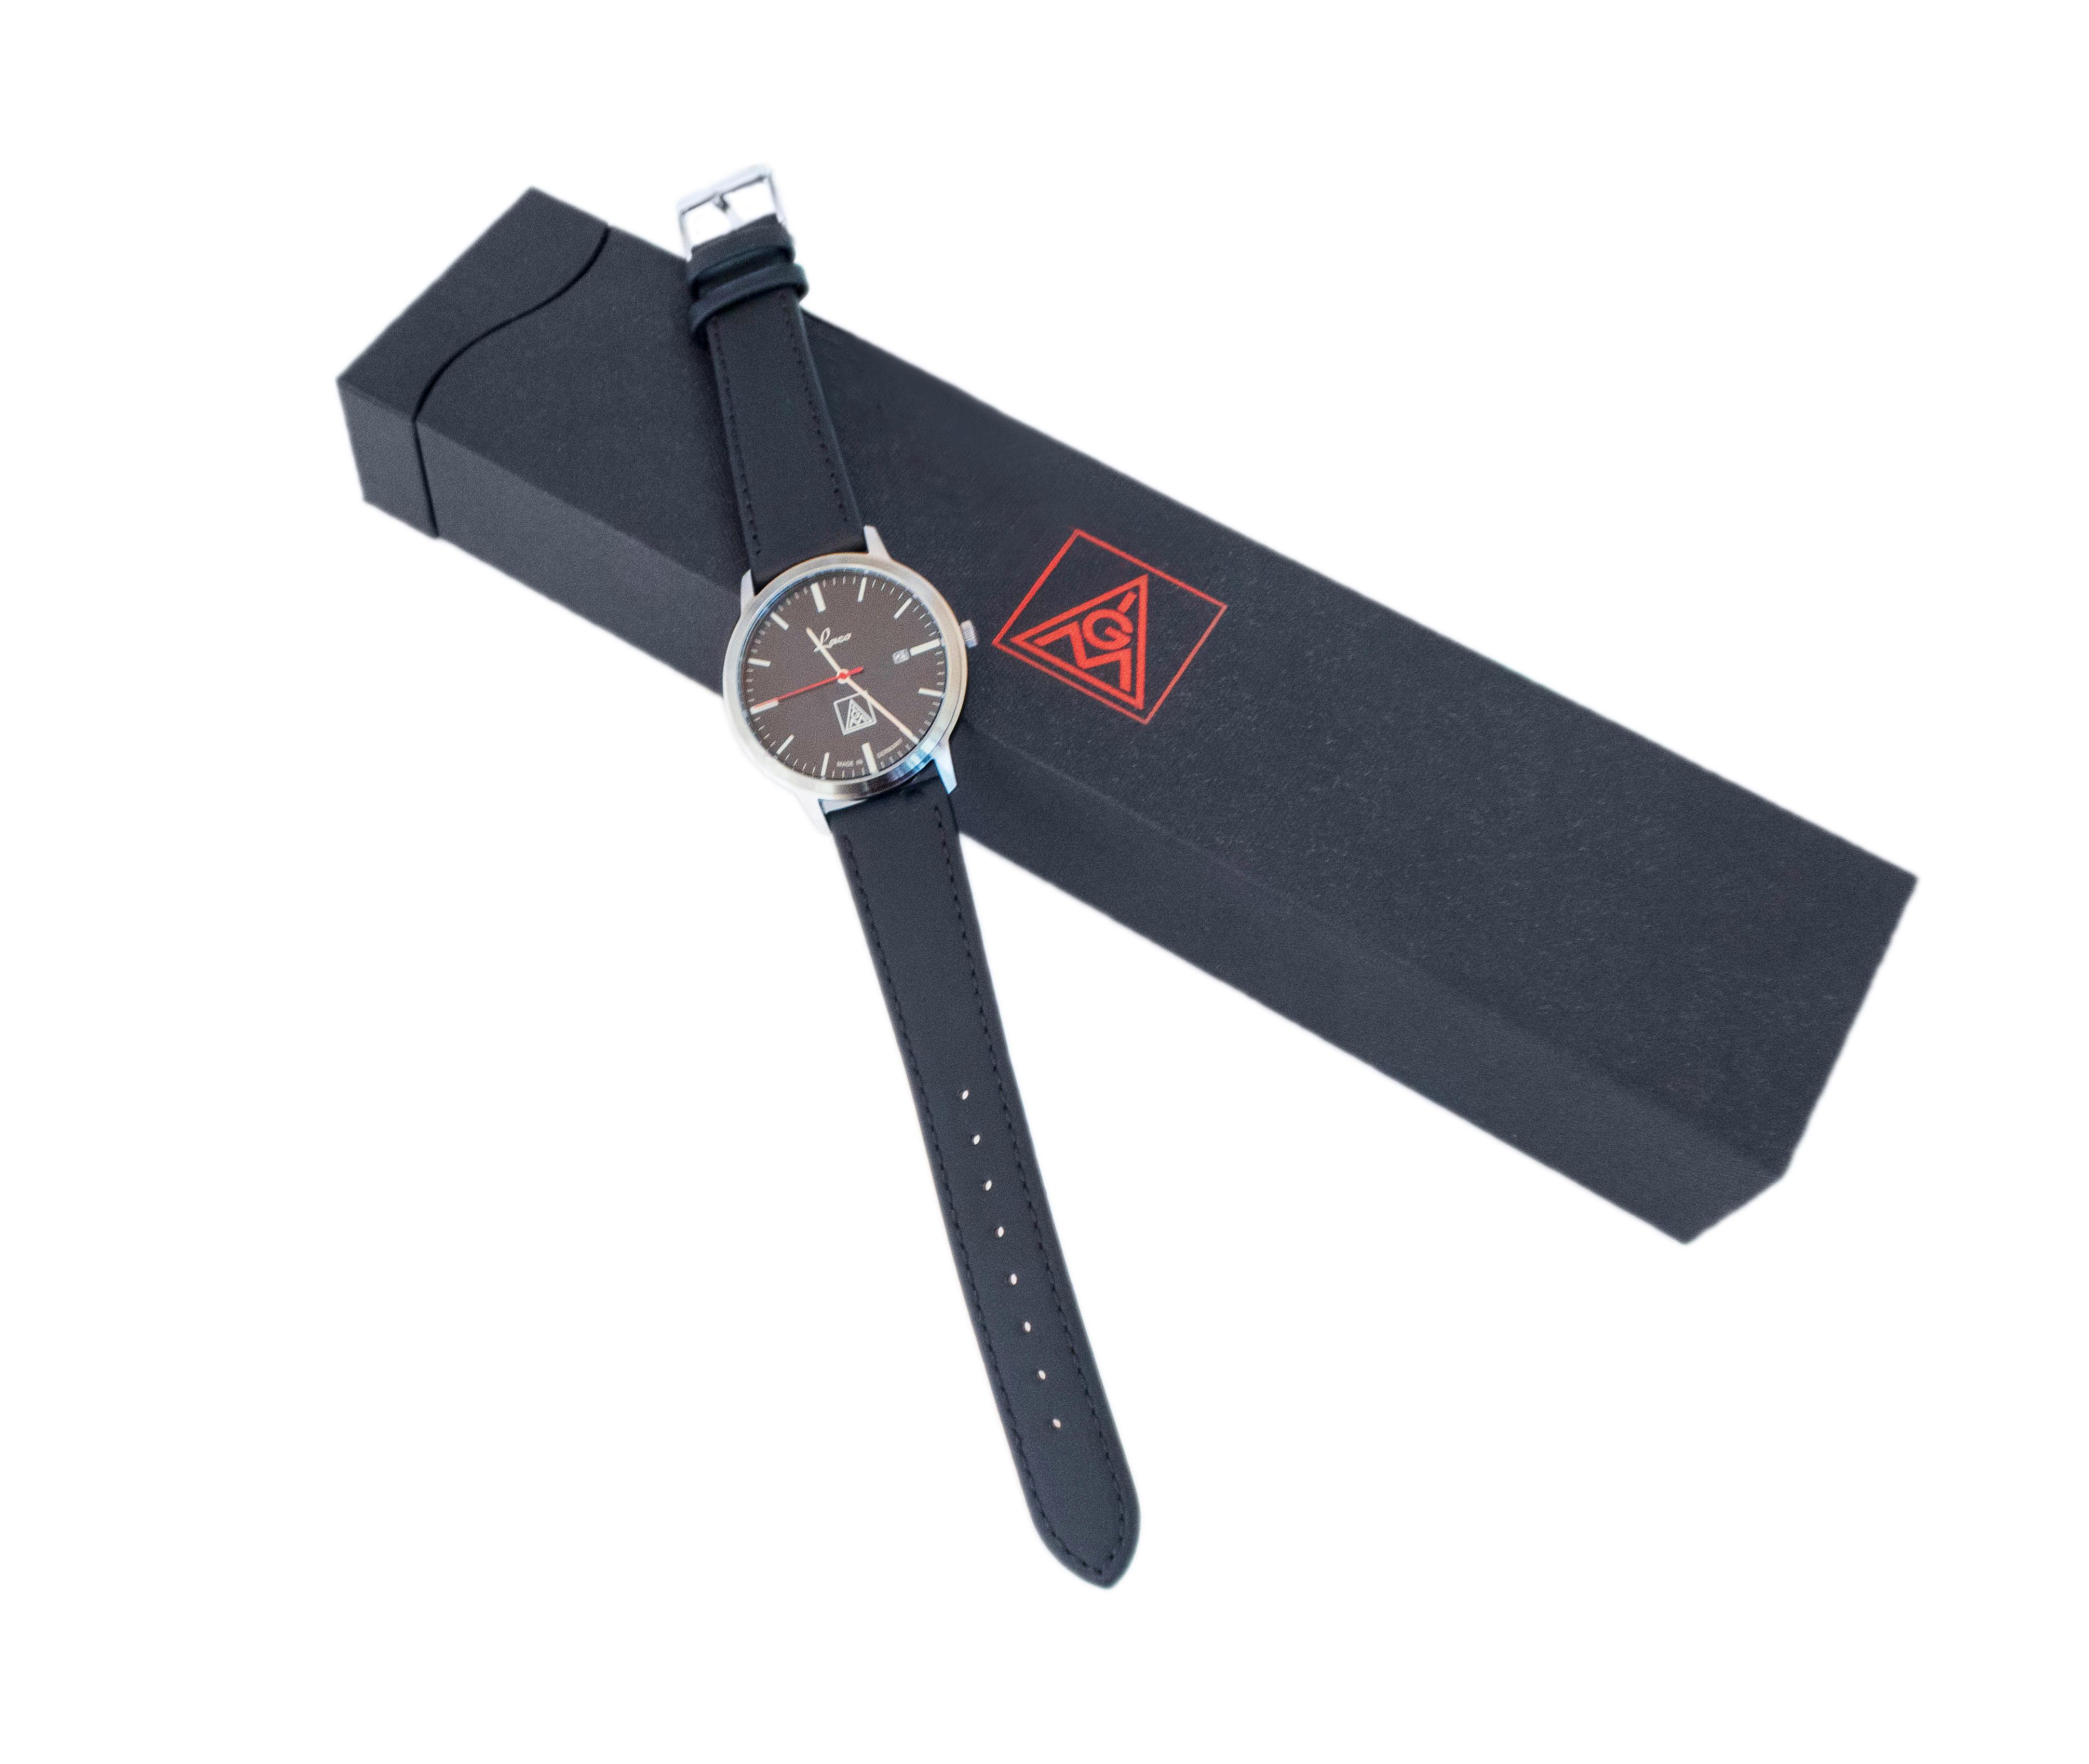 Armbanduhr  im IG Metall-Design (erste limitierte Auflage)